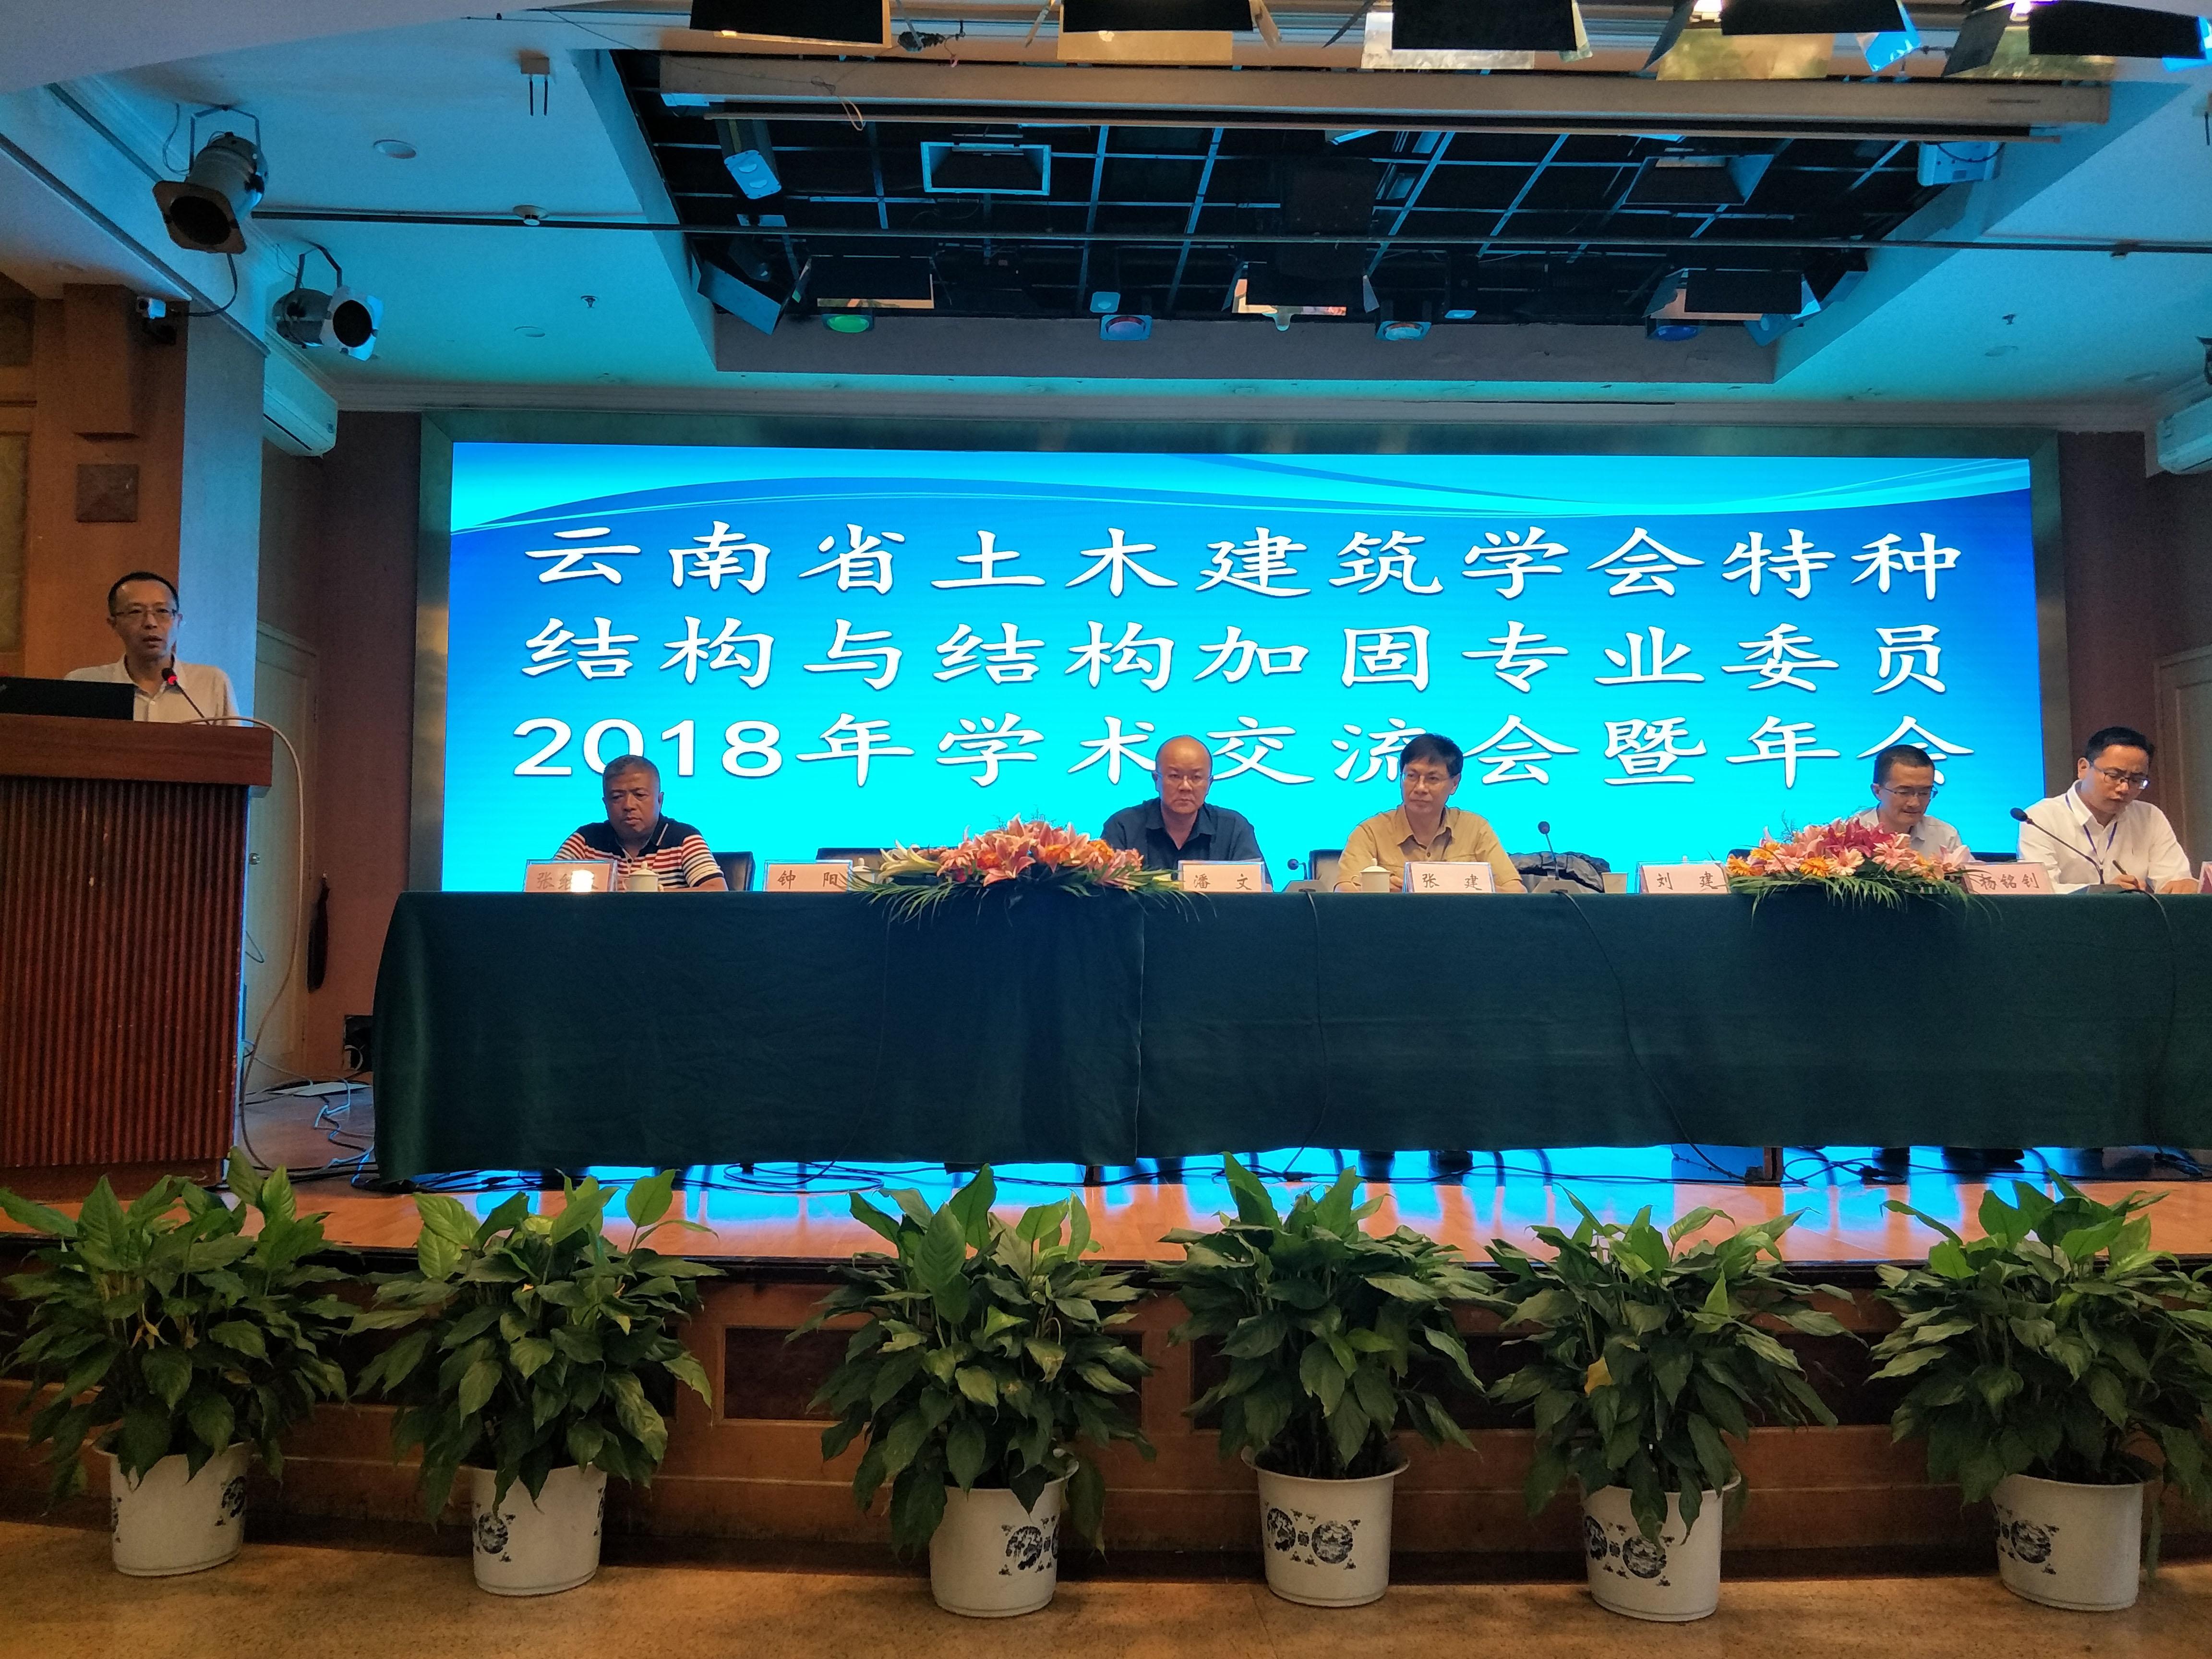 云南省土木建筑學會、特種結構加固學會2018學術交流會暨年會成功召開